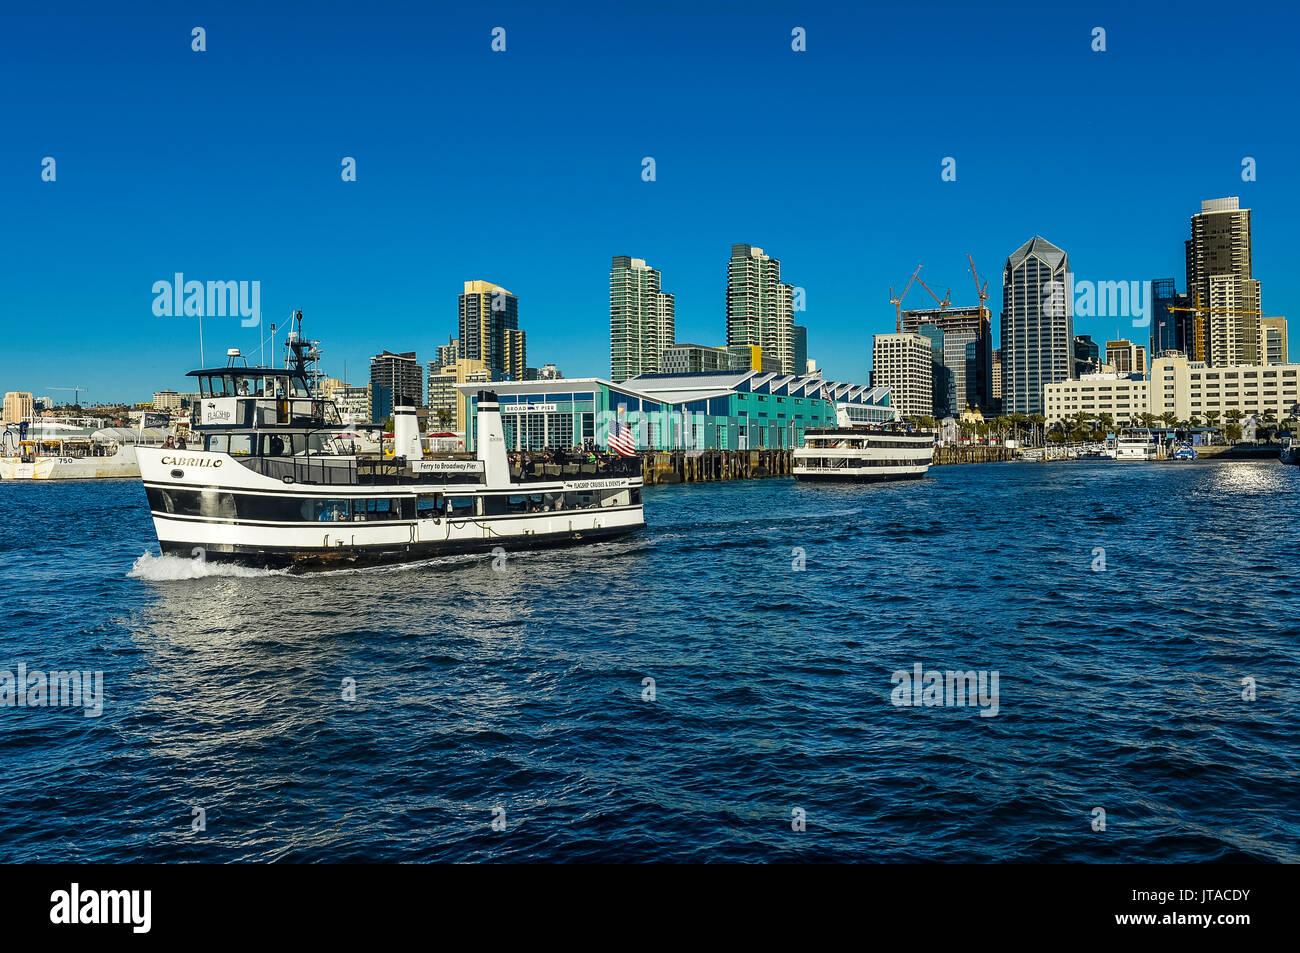 Petit bateau de croisière touristique avec le paysage en arrière-plan, le Port de San Diego, Californie, États-Unis d'Amérique, Amérique du Nord Photo Stock